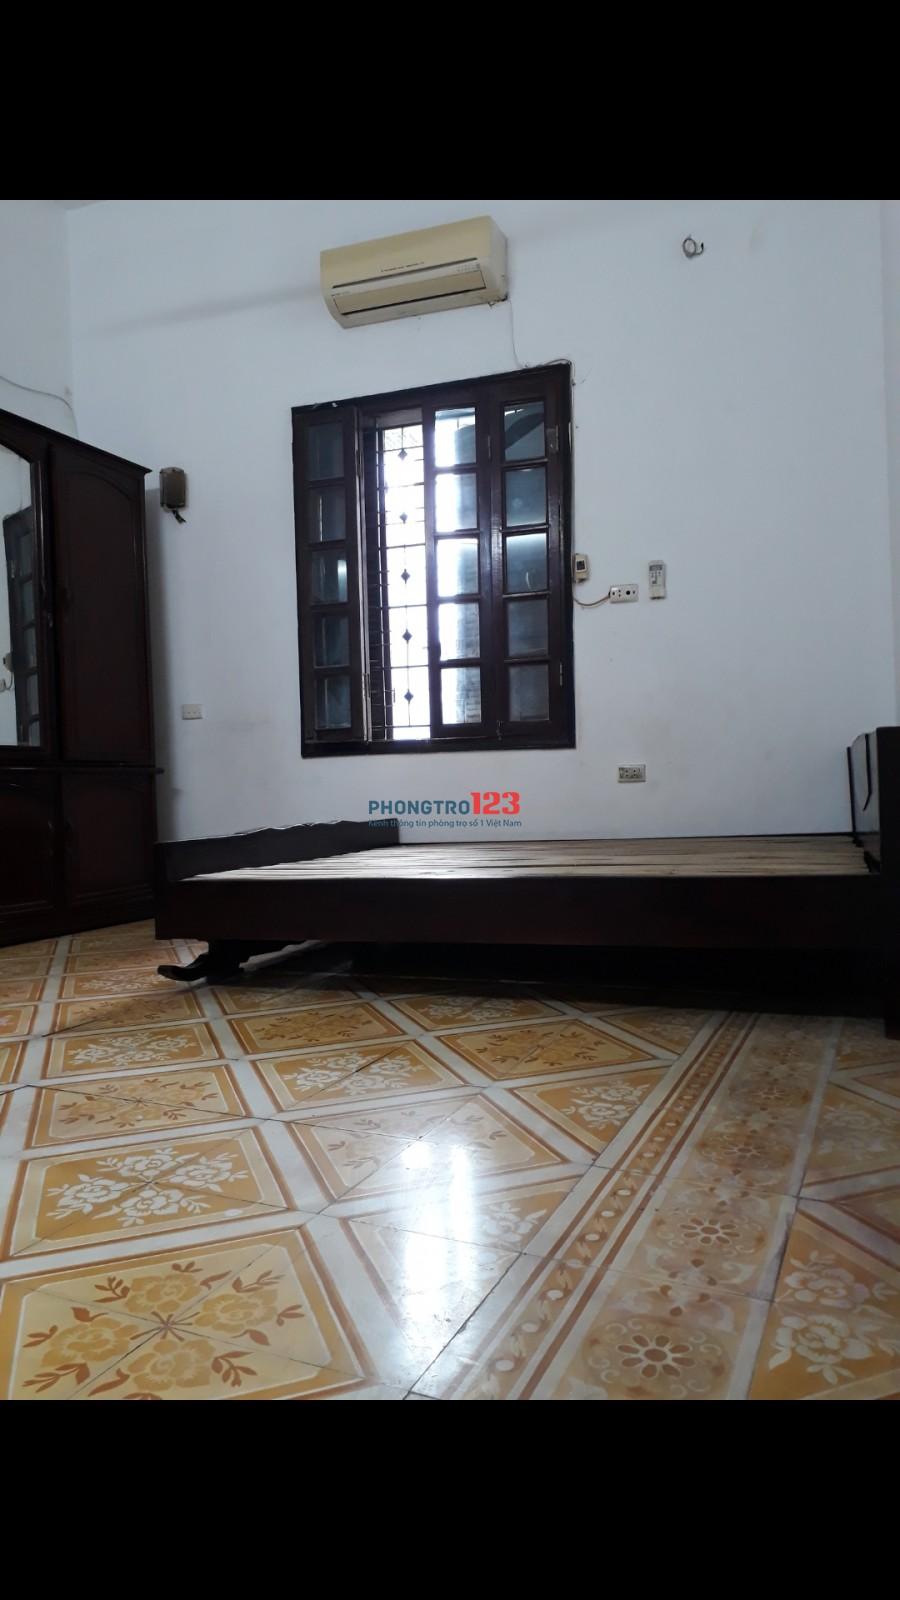 Phòng trọ không chung chủ, cạnh Times City, gần Kinh Công tại Ngõ 156 Dương Văn Bé, Hai Bà Trưng